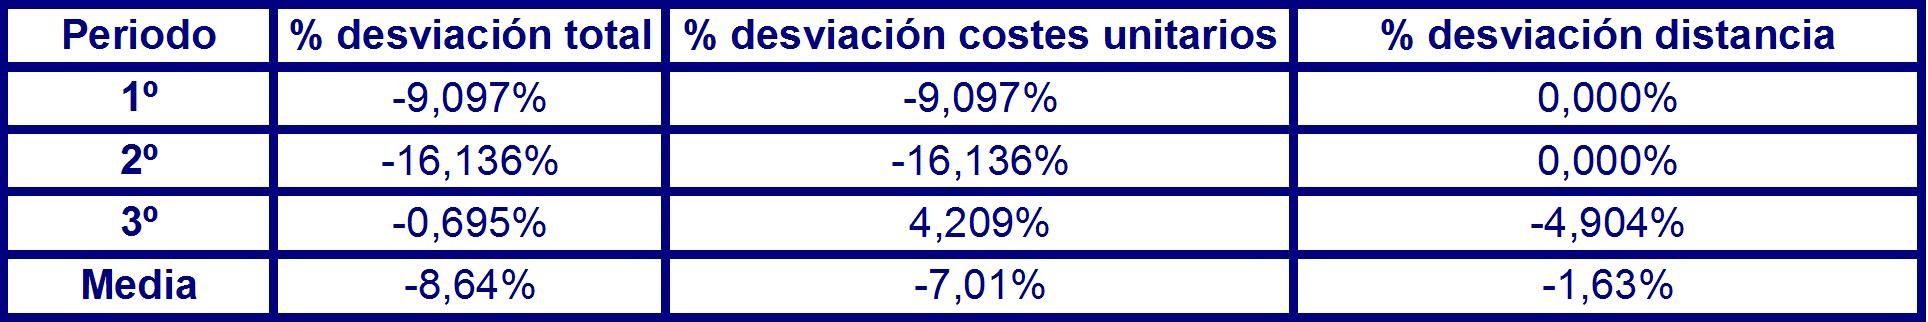 Tabla 50 de desviación total costes unitarios en el largo plazo